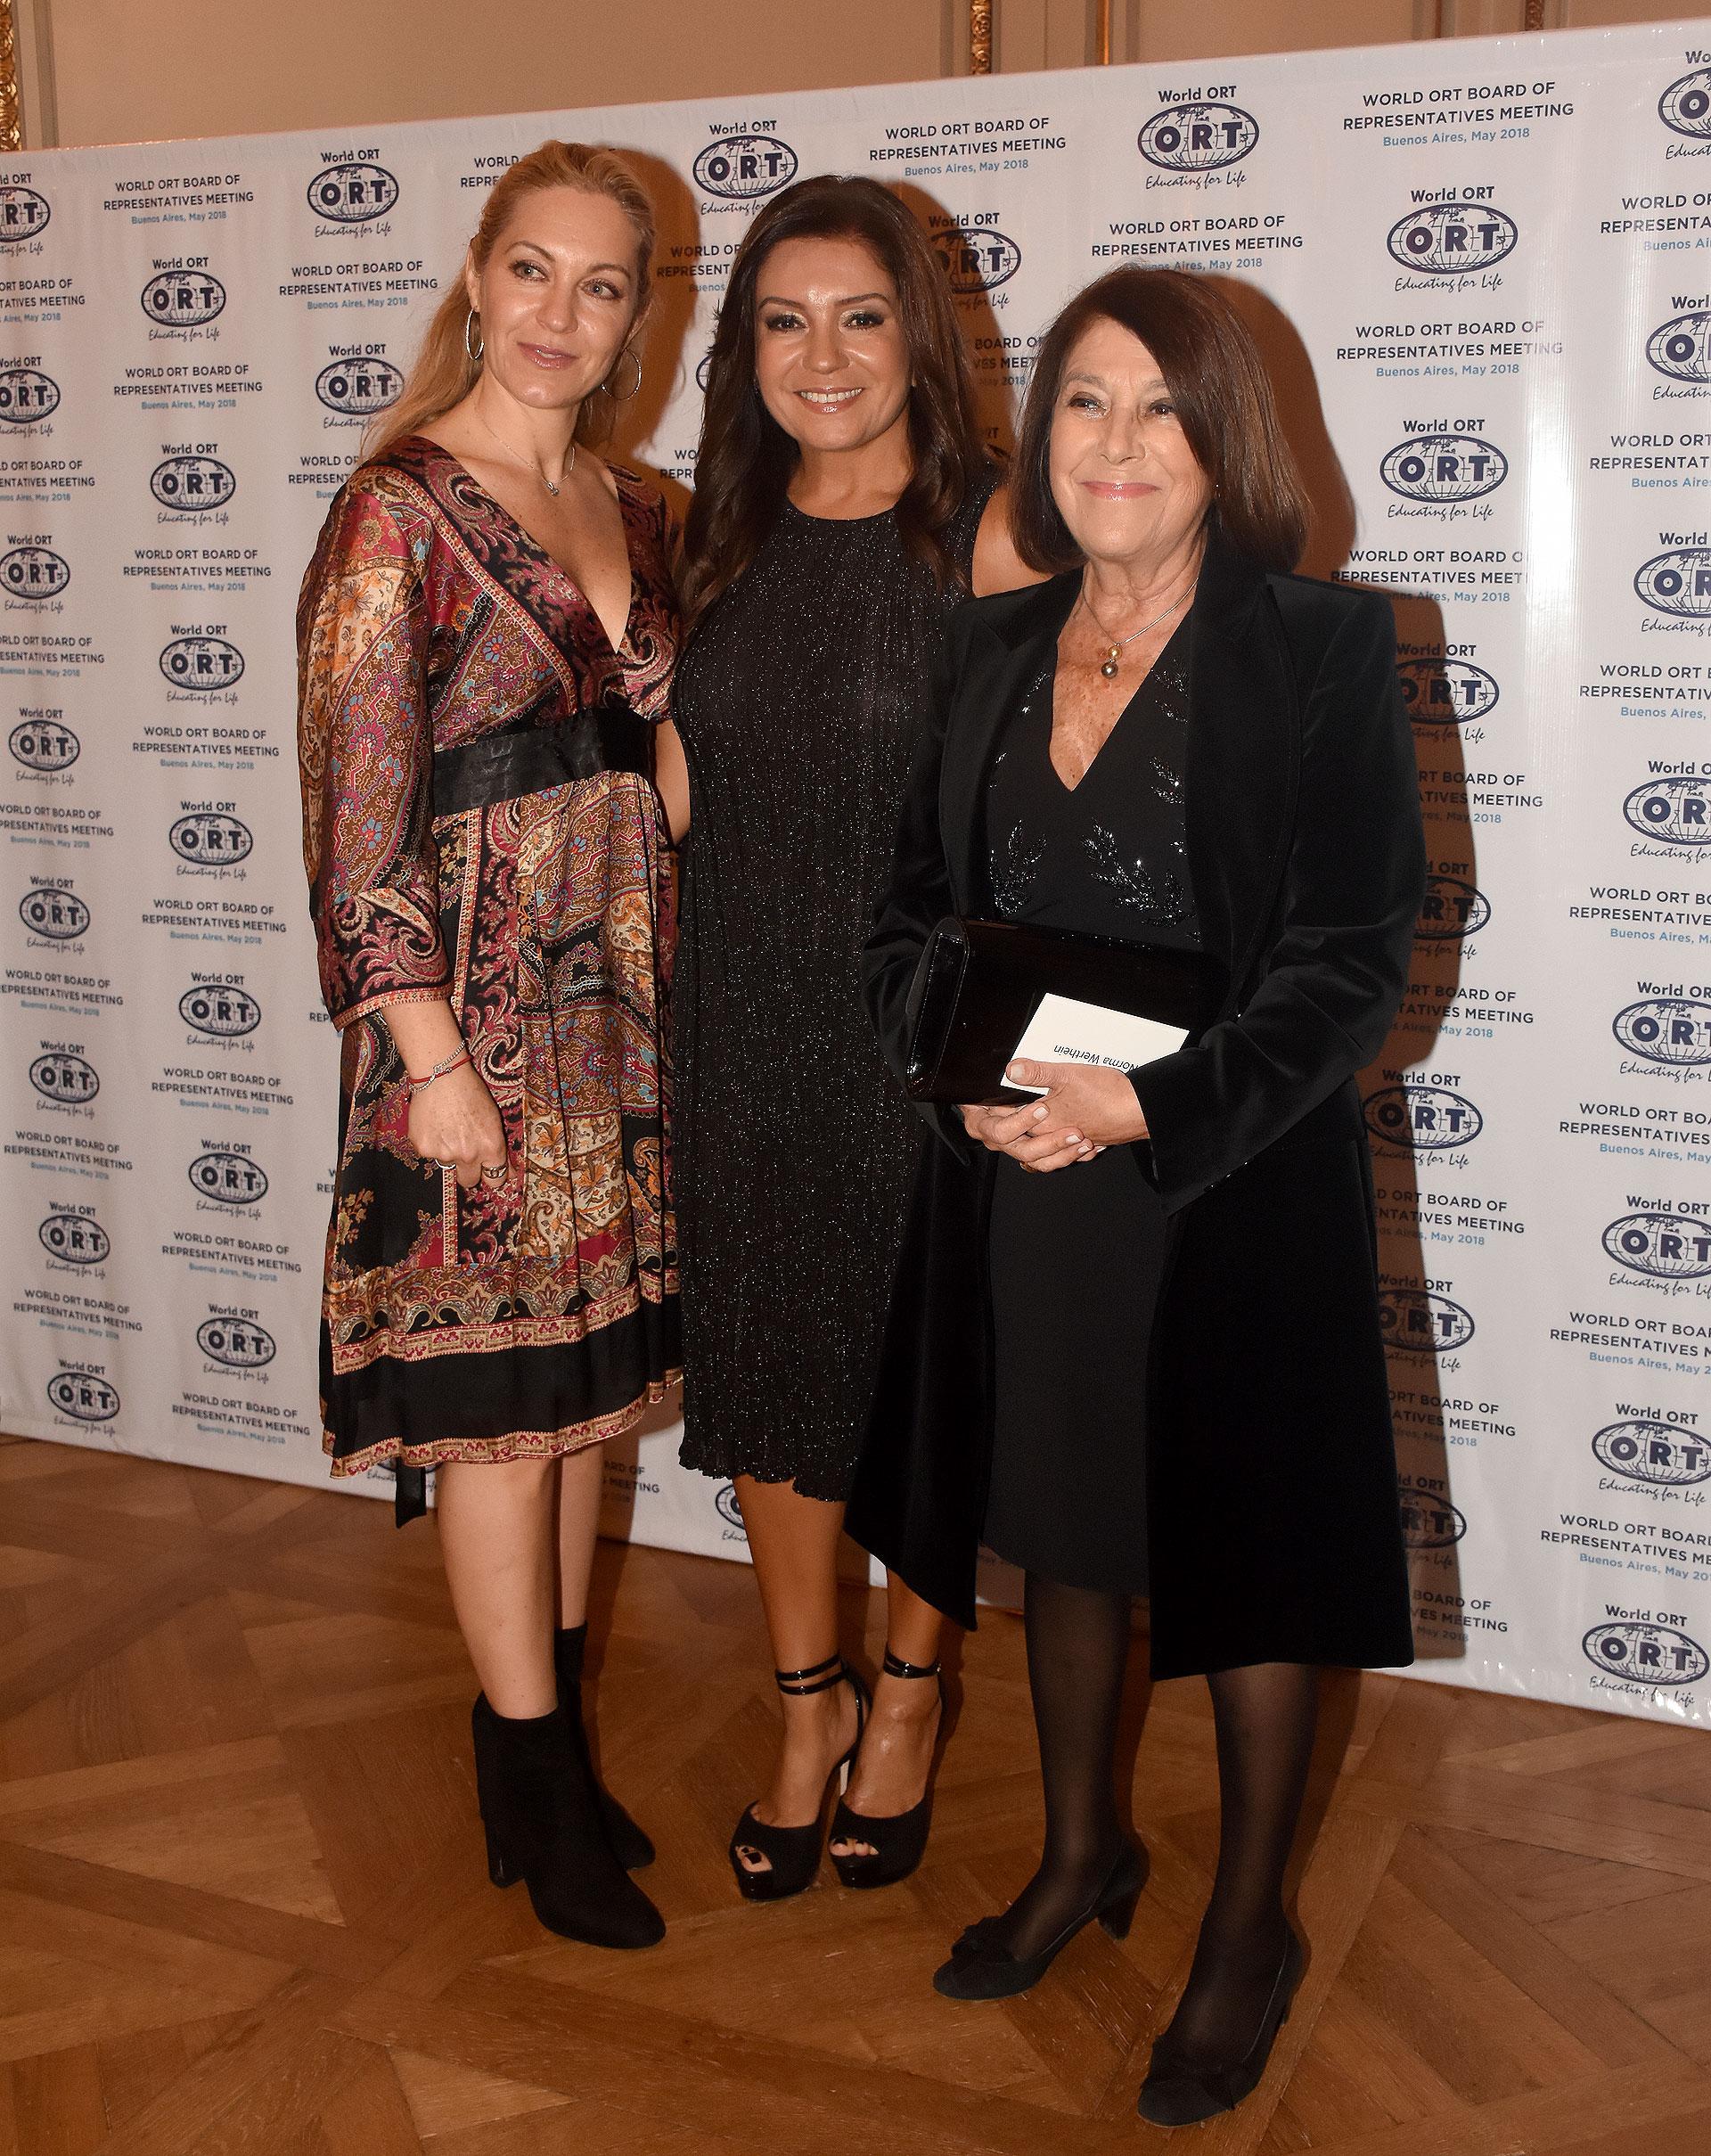 Monica Kozolovsky de Merikanskas, Cecilia Nobili y Norma G. de Werthein